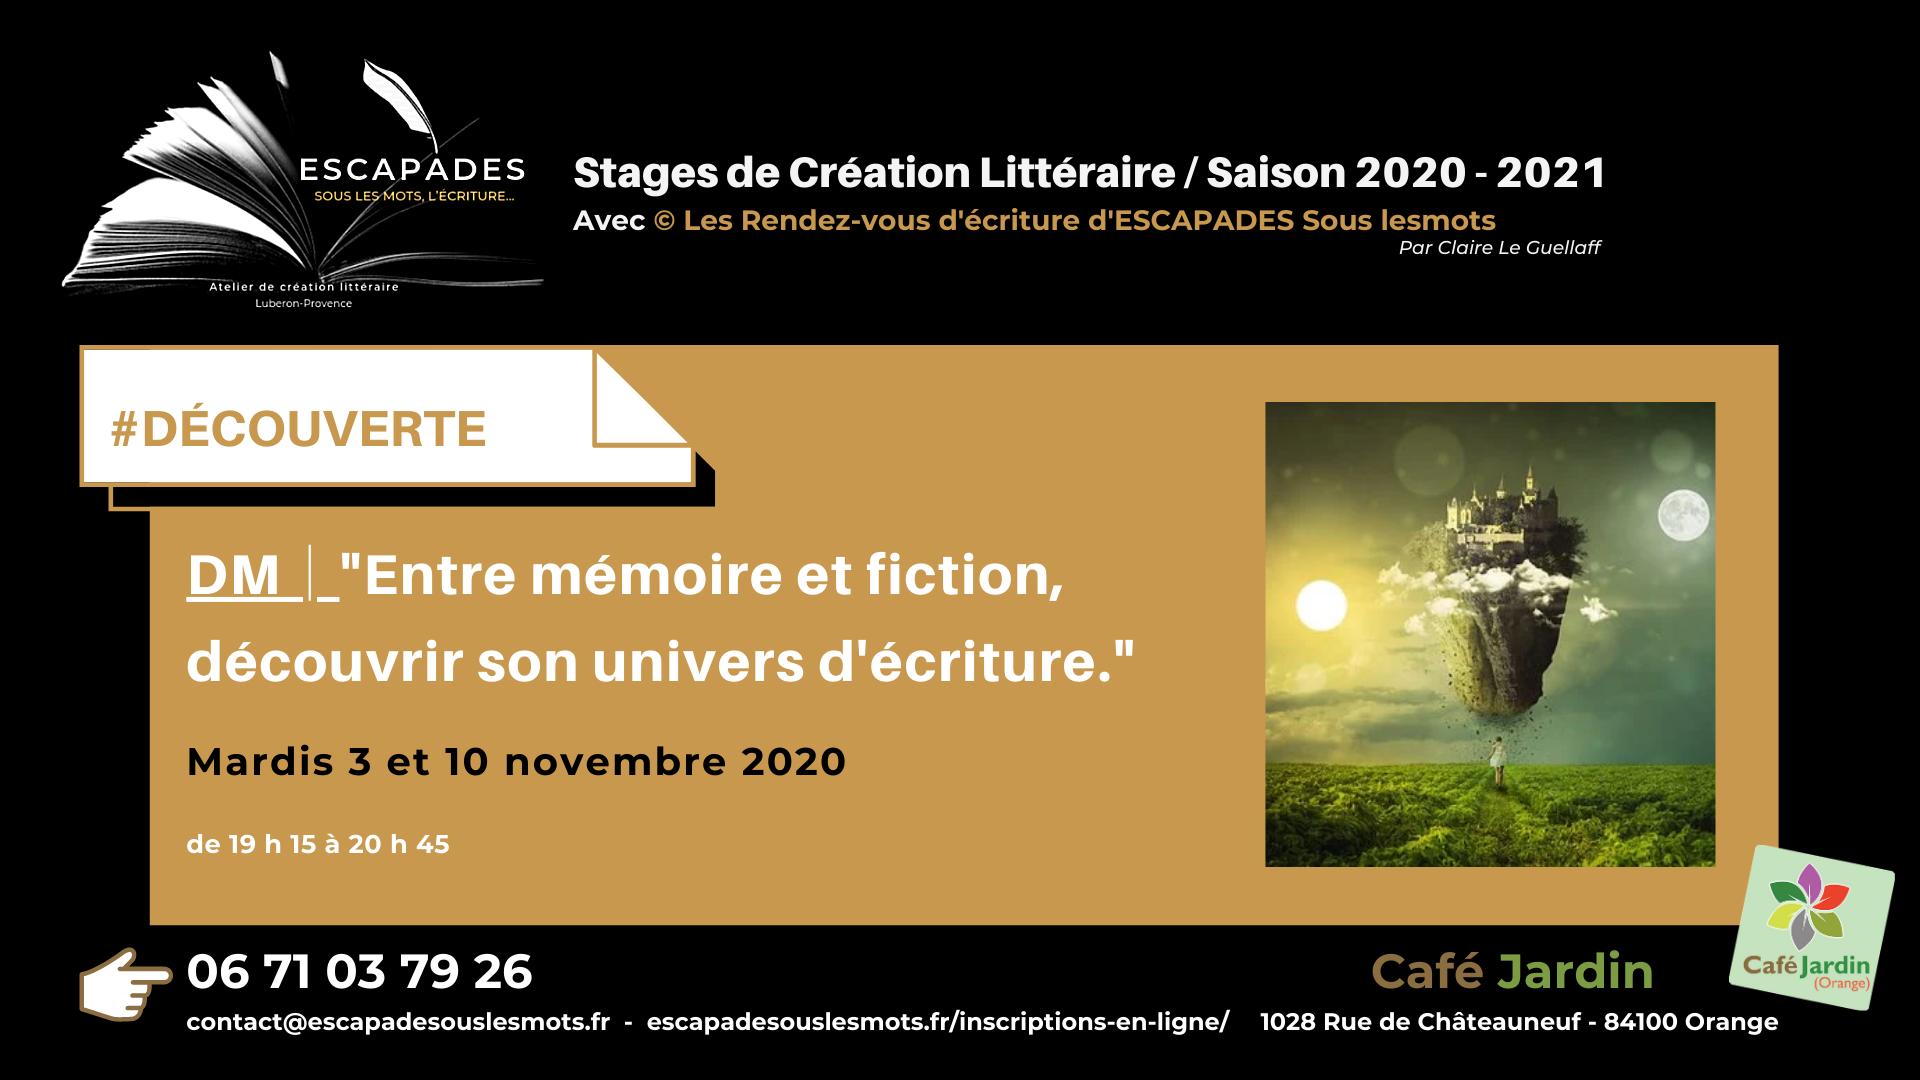 """#DÉCOUVERTE : """"Entre mémoire et fiction, découvrir son univers d'écriture."""" 3 et 10 novembre 2020"""